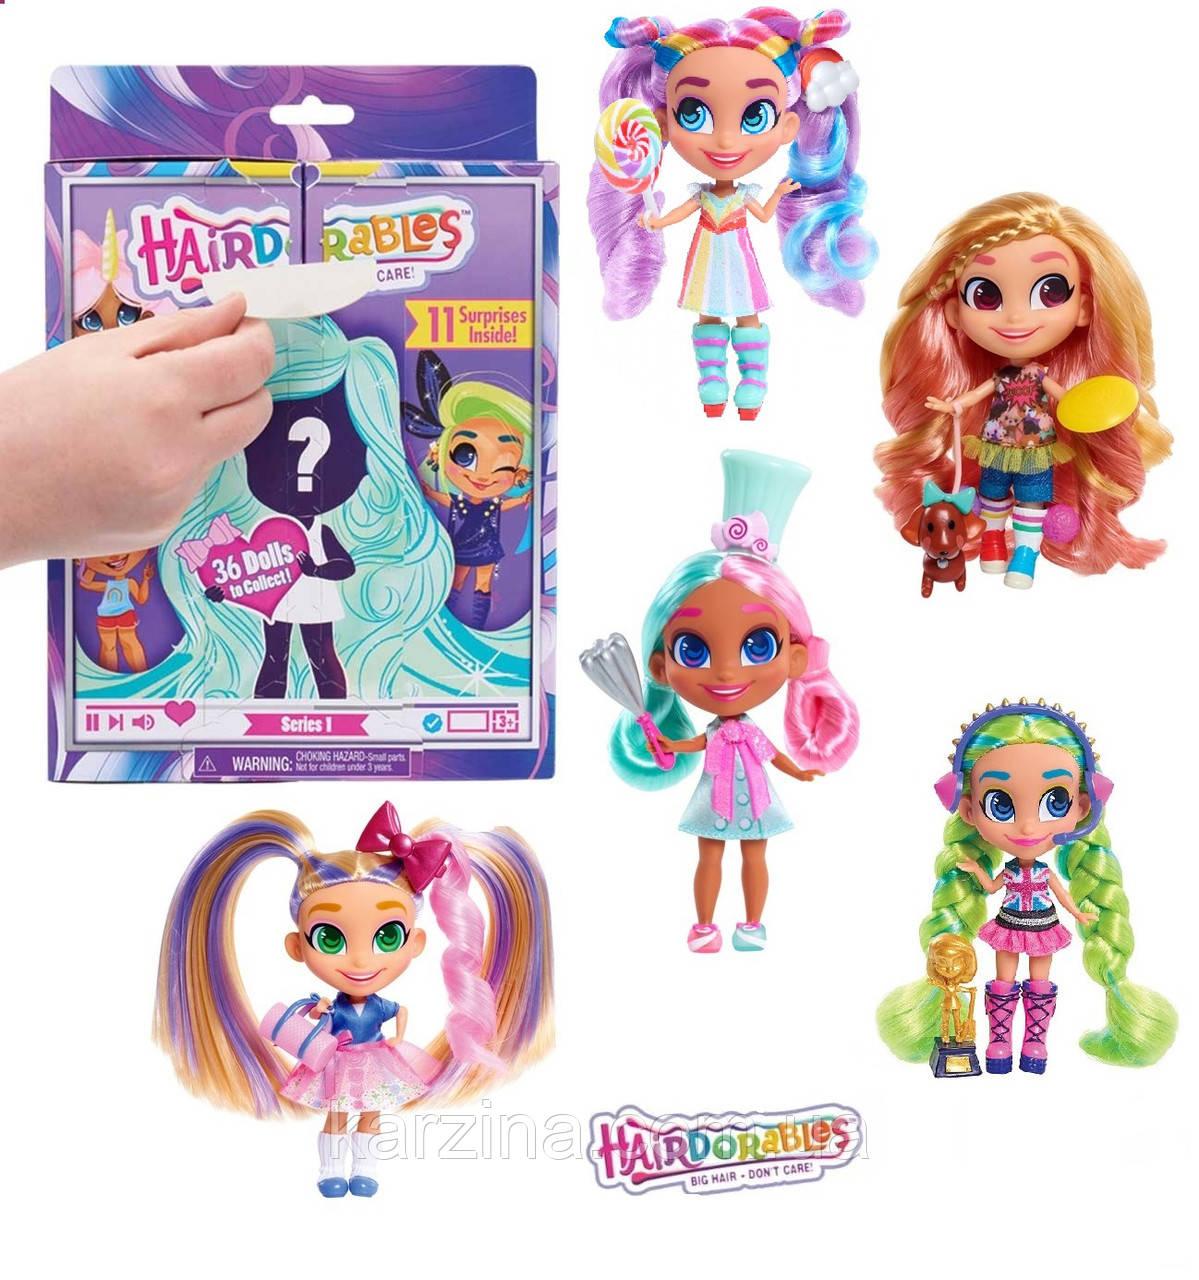 Куколка - СЮРПРИЗ Хэрдораблс с очаровательными волосами Hairdorables Оригинал Just Play (USA)